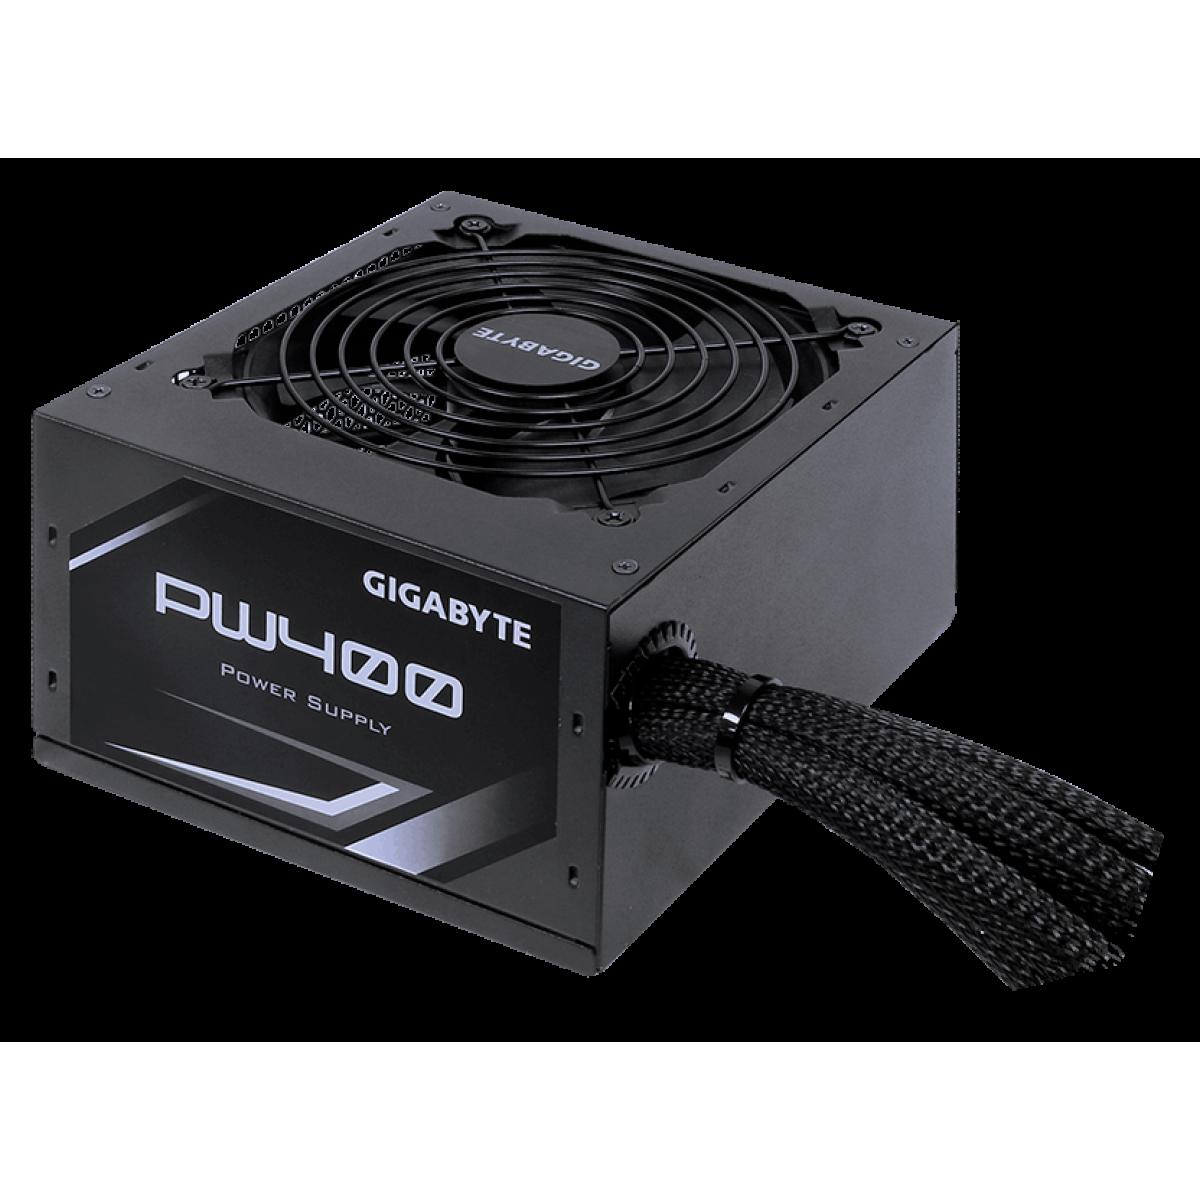 Fonte Gigabyte PW400 400W, 80 Plus White, PFC Ativo, GP-PW400